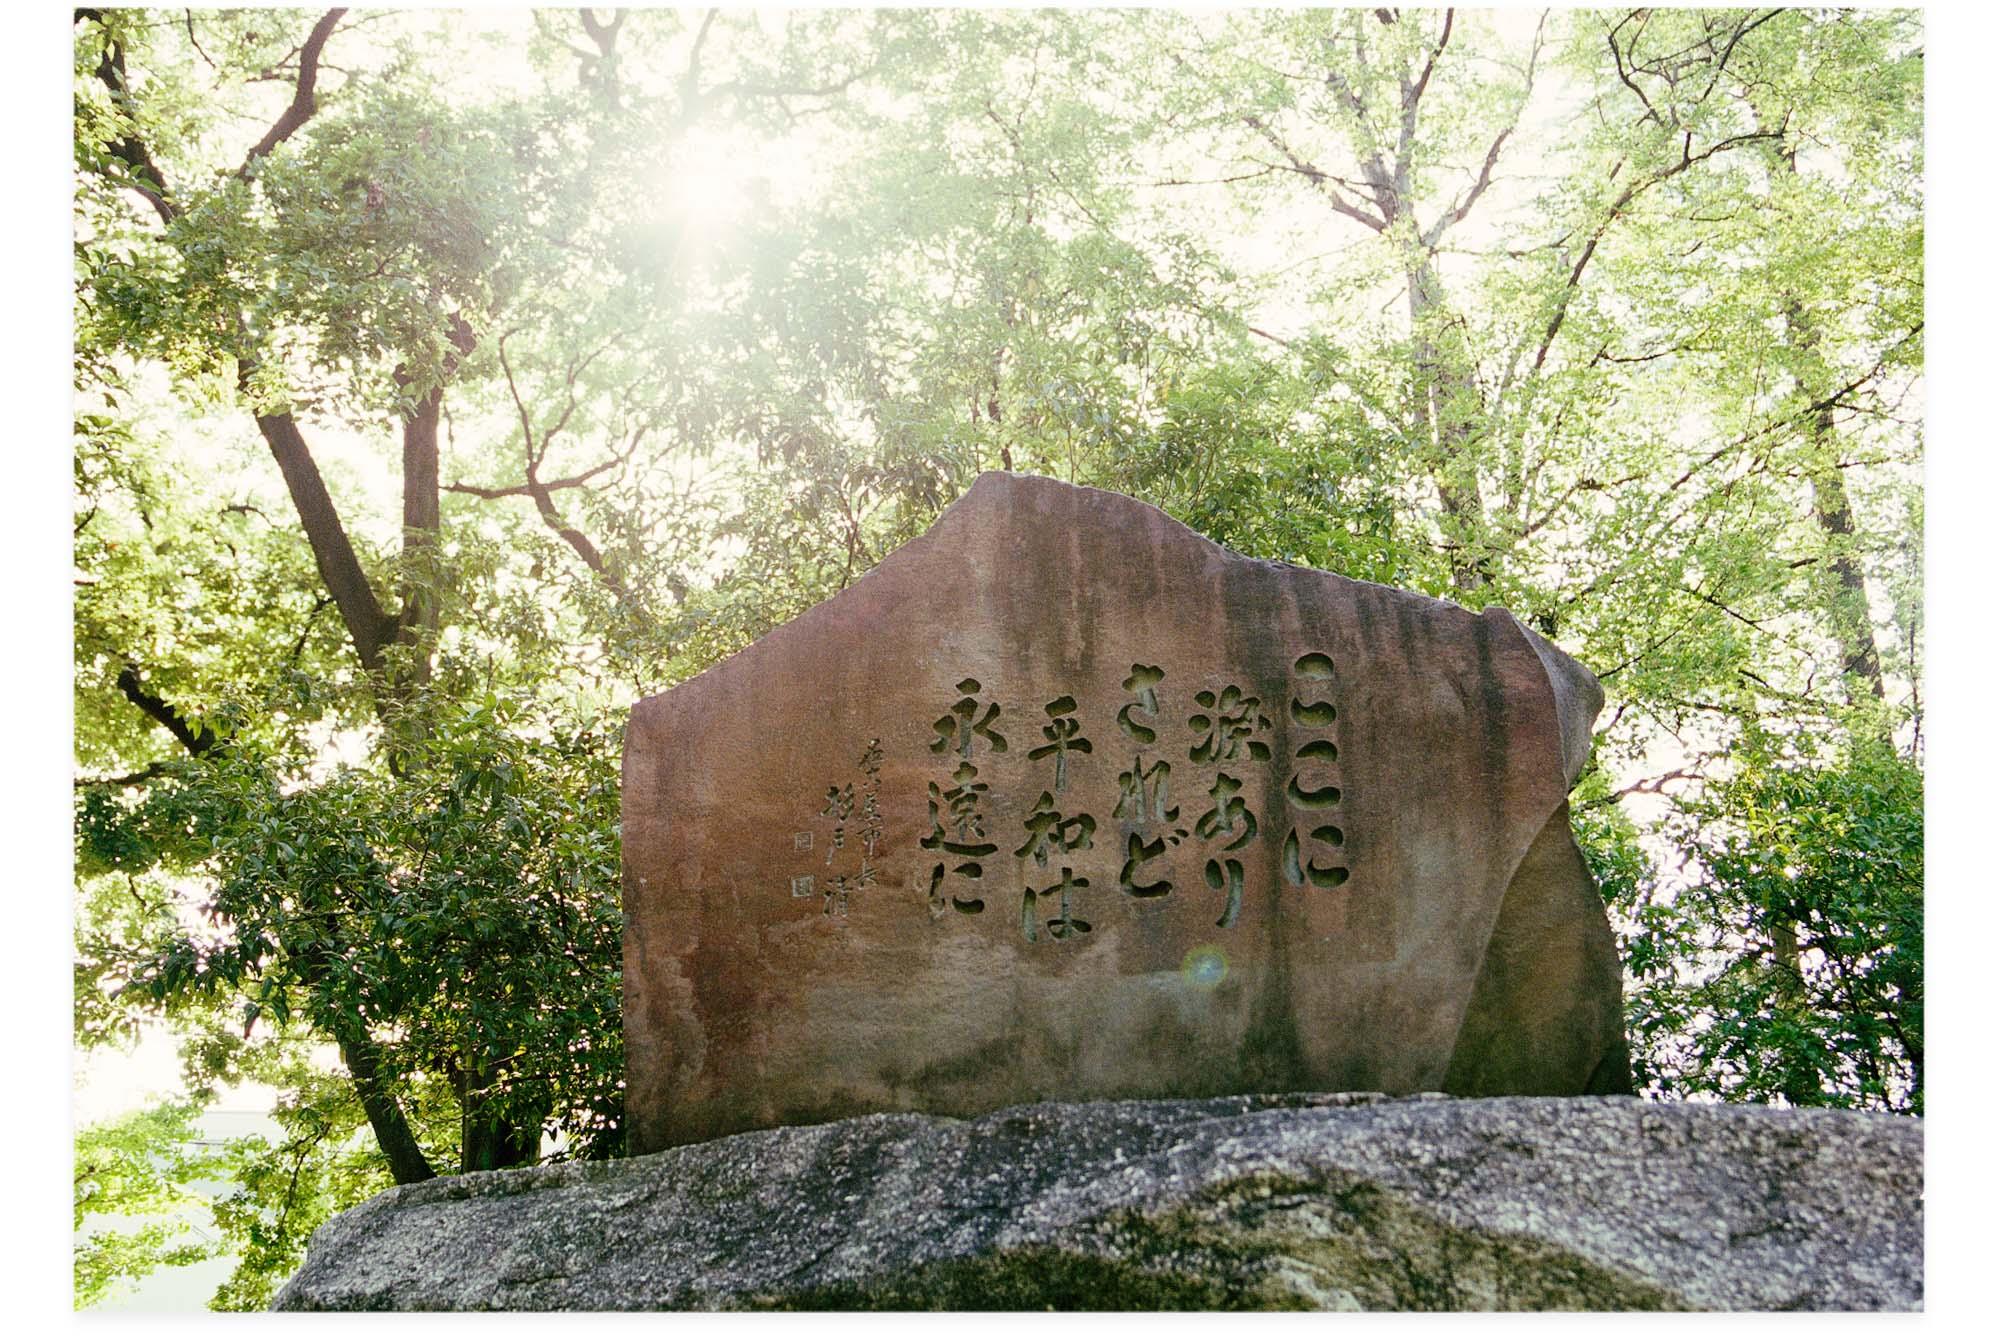 20130820f_千種公園と名古屋大空襲